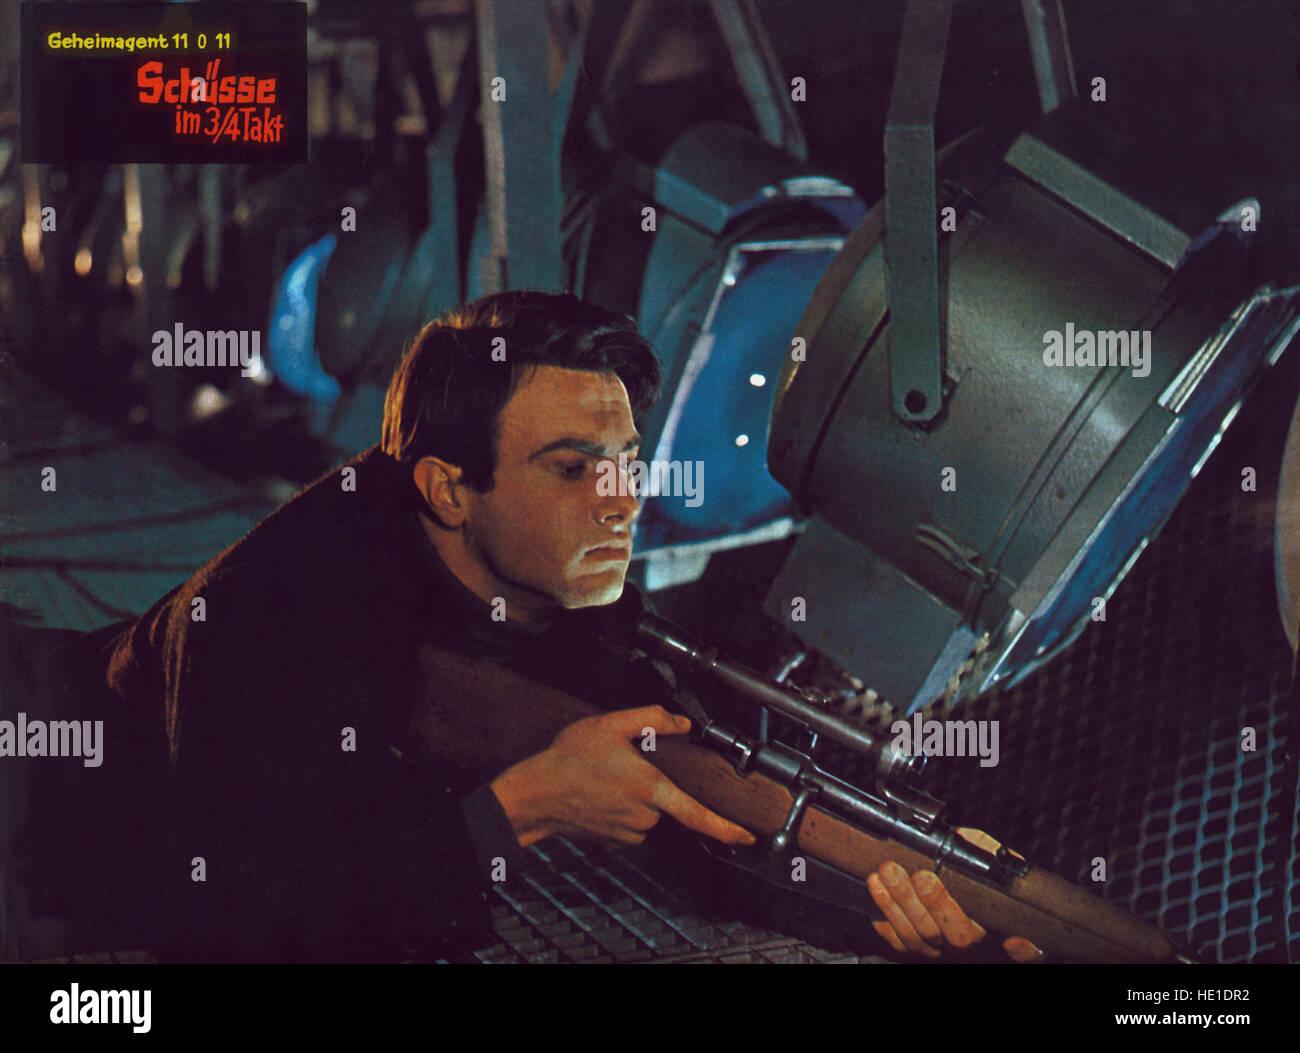 Schüsse im 3/4 Takt, Deutschland/Österreich/Italien 1965, Regie: Alfred Weidenmann, Darsteller: Daniel - Stock Image